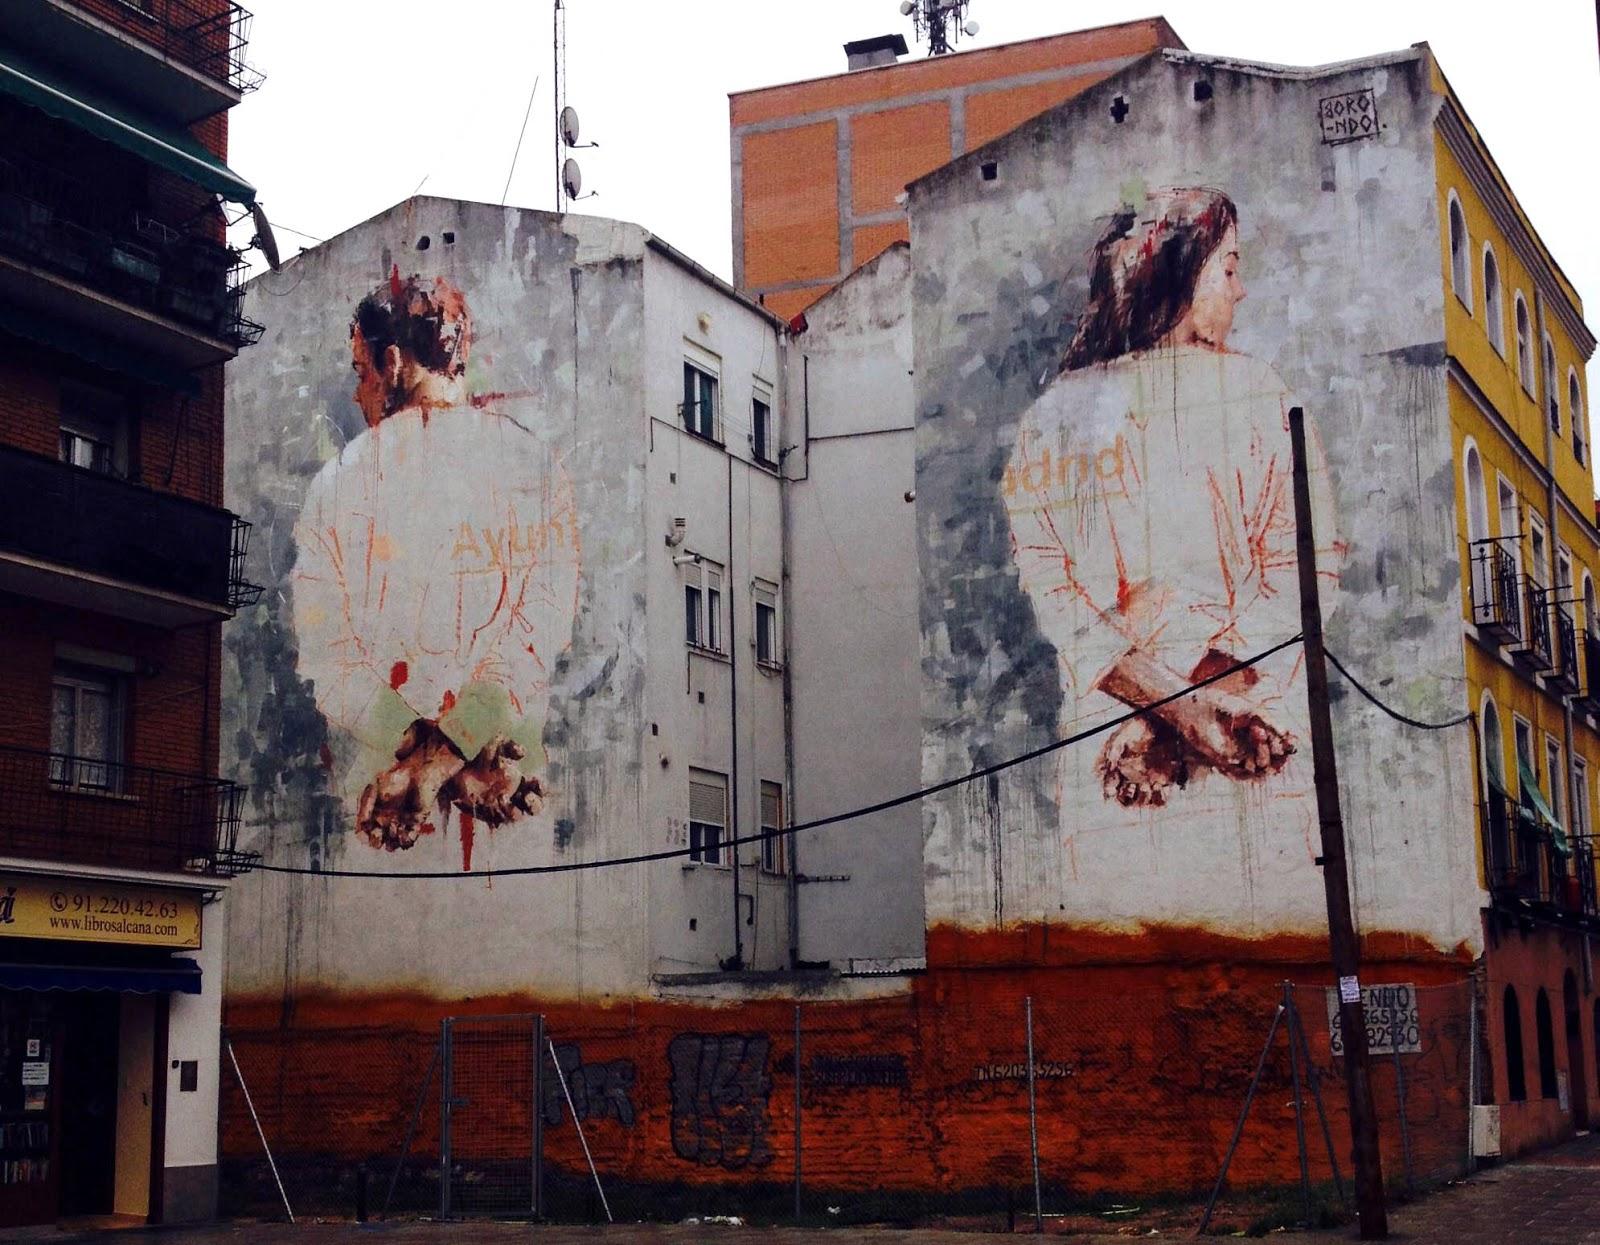 Borondo new mural tetuan madrid streetartnews for Mural street art